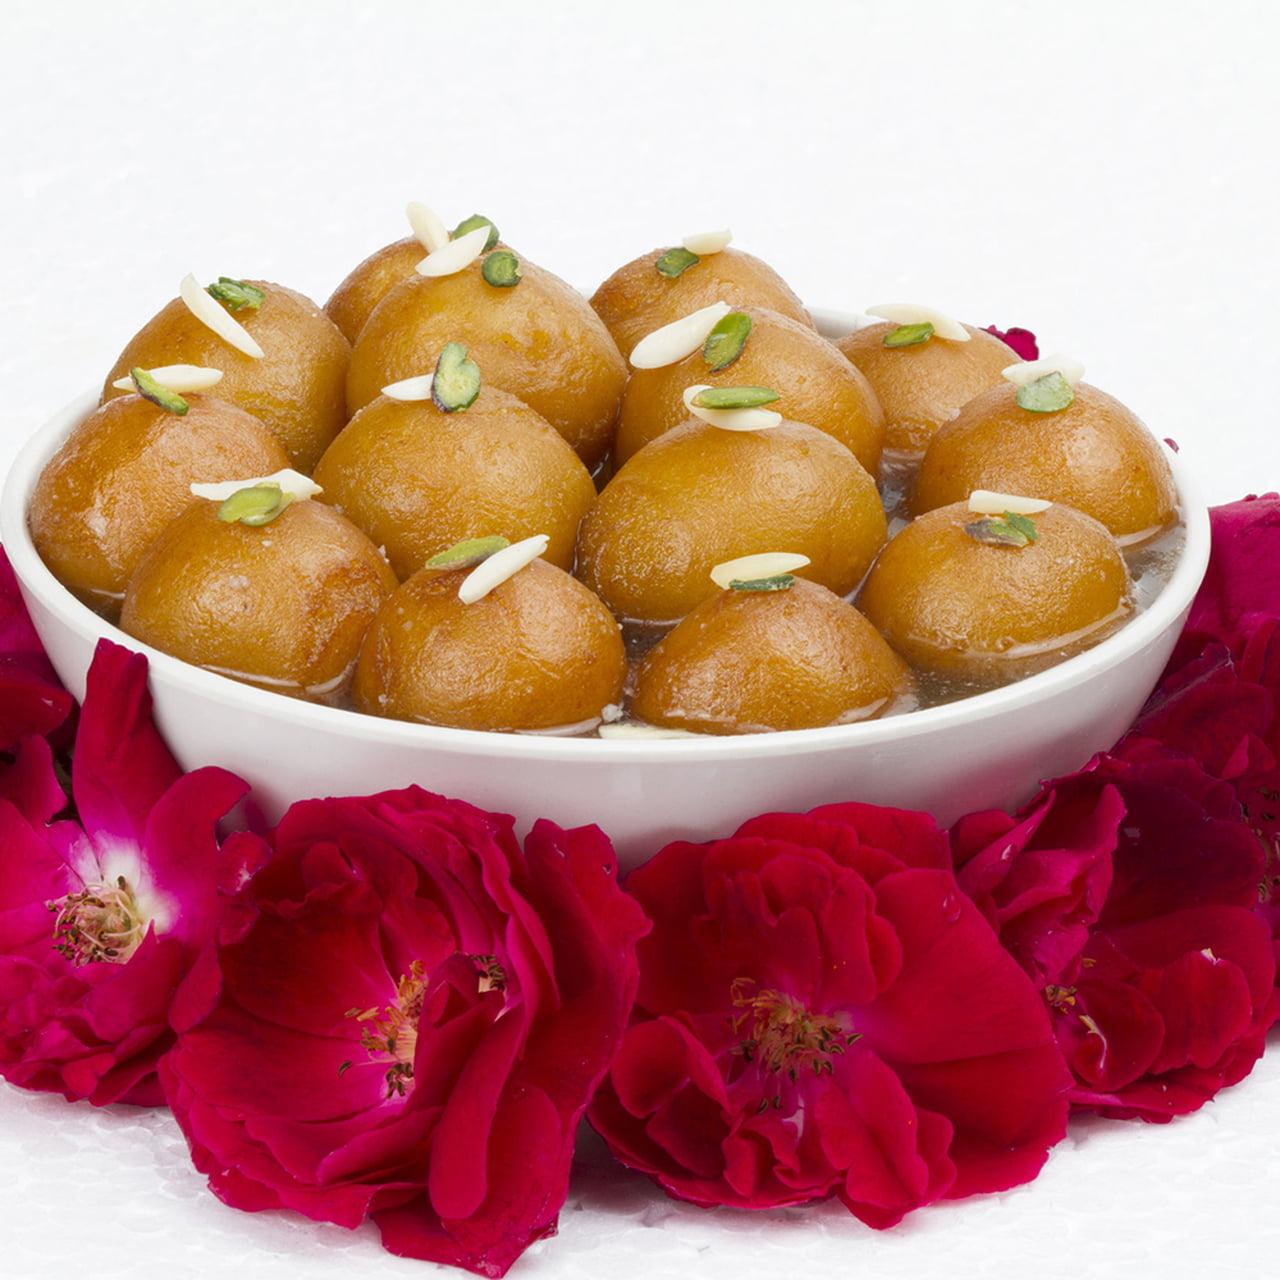 صور حلويات هندية جولاب جامون , طريقه عمل جولاب جامون